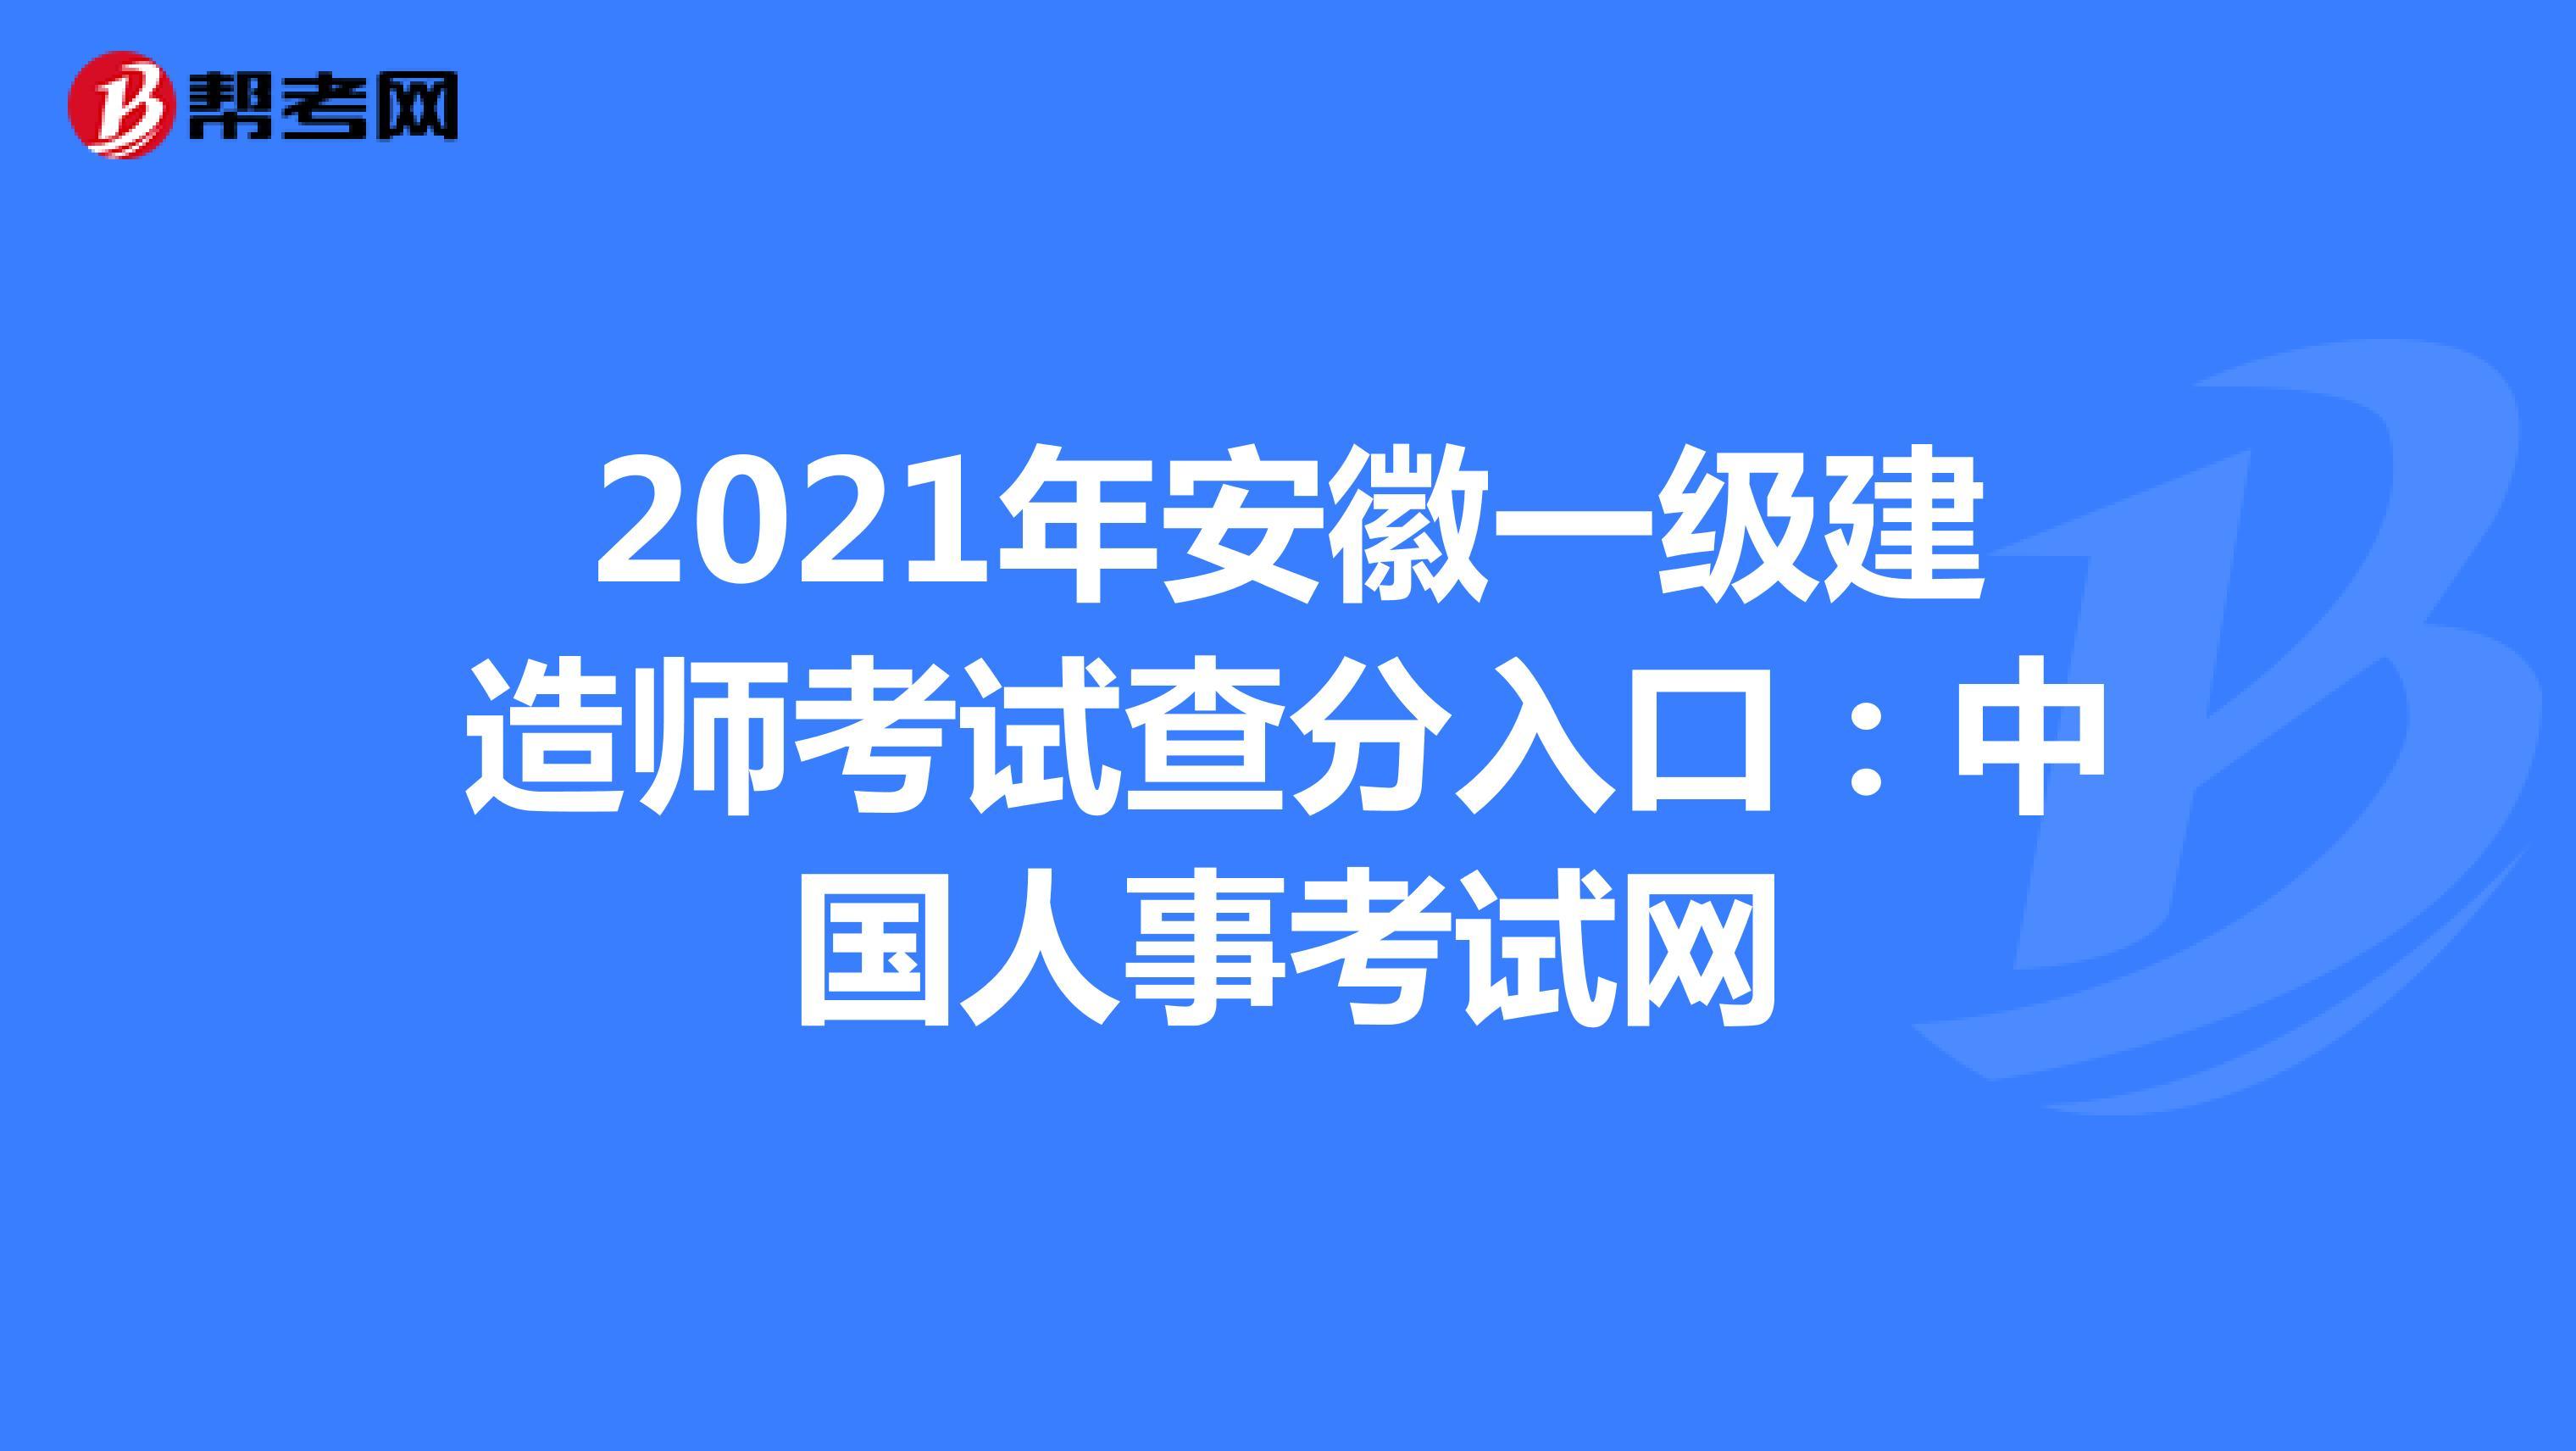 2021年安徽一级建造师考试查分入口:中国人事考试网